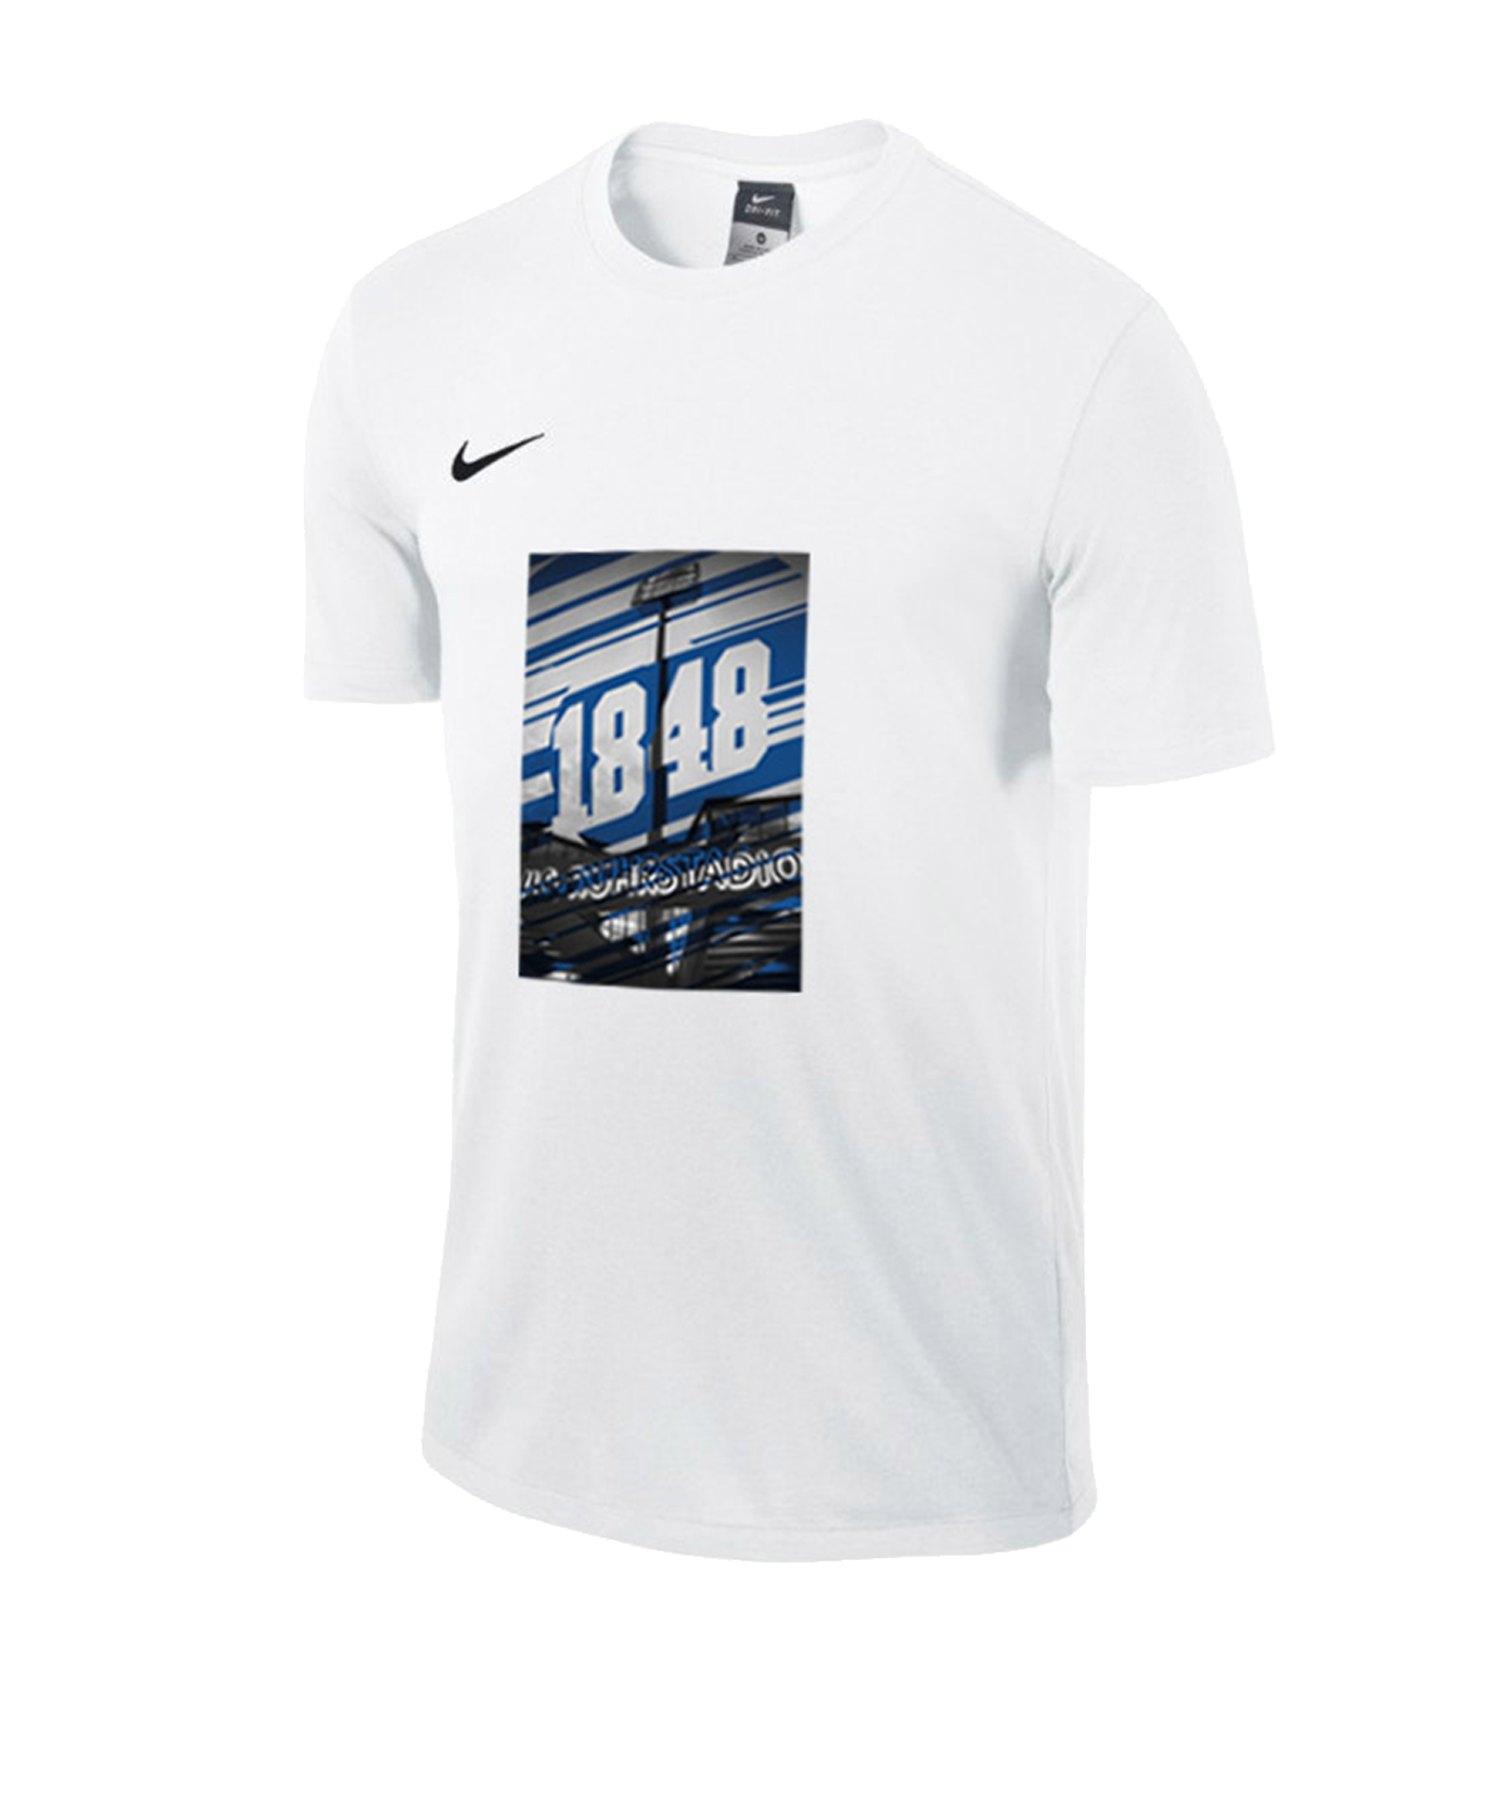 Nike VfL Bochum T-Shirt Kids Weiss F156 - weiss